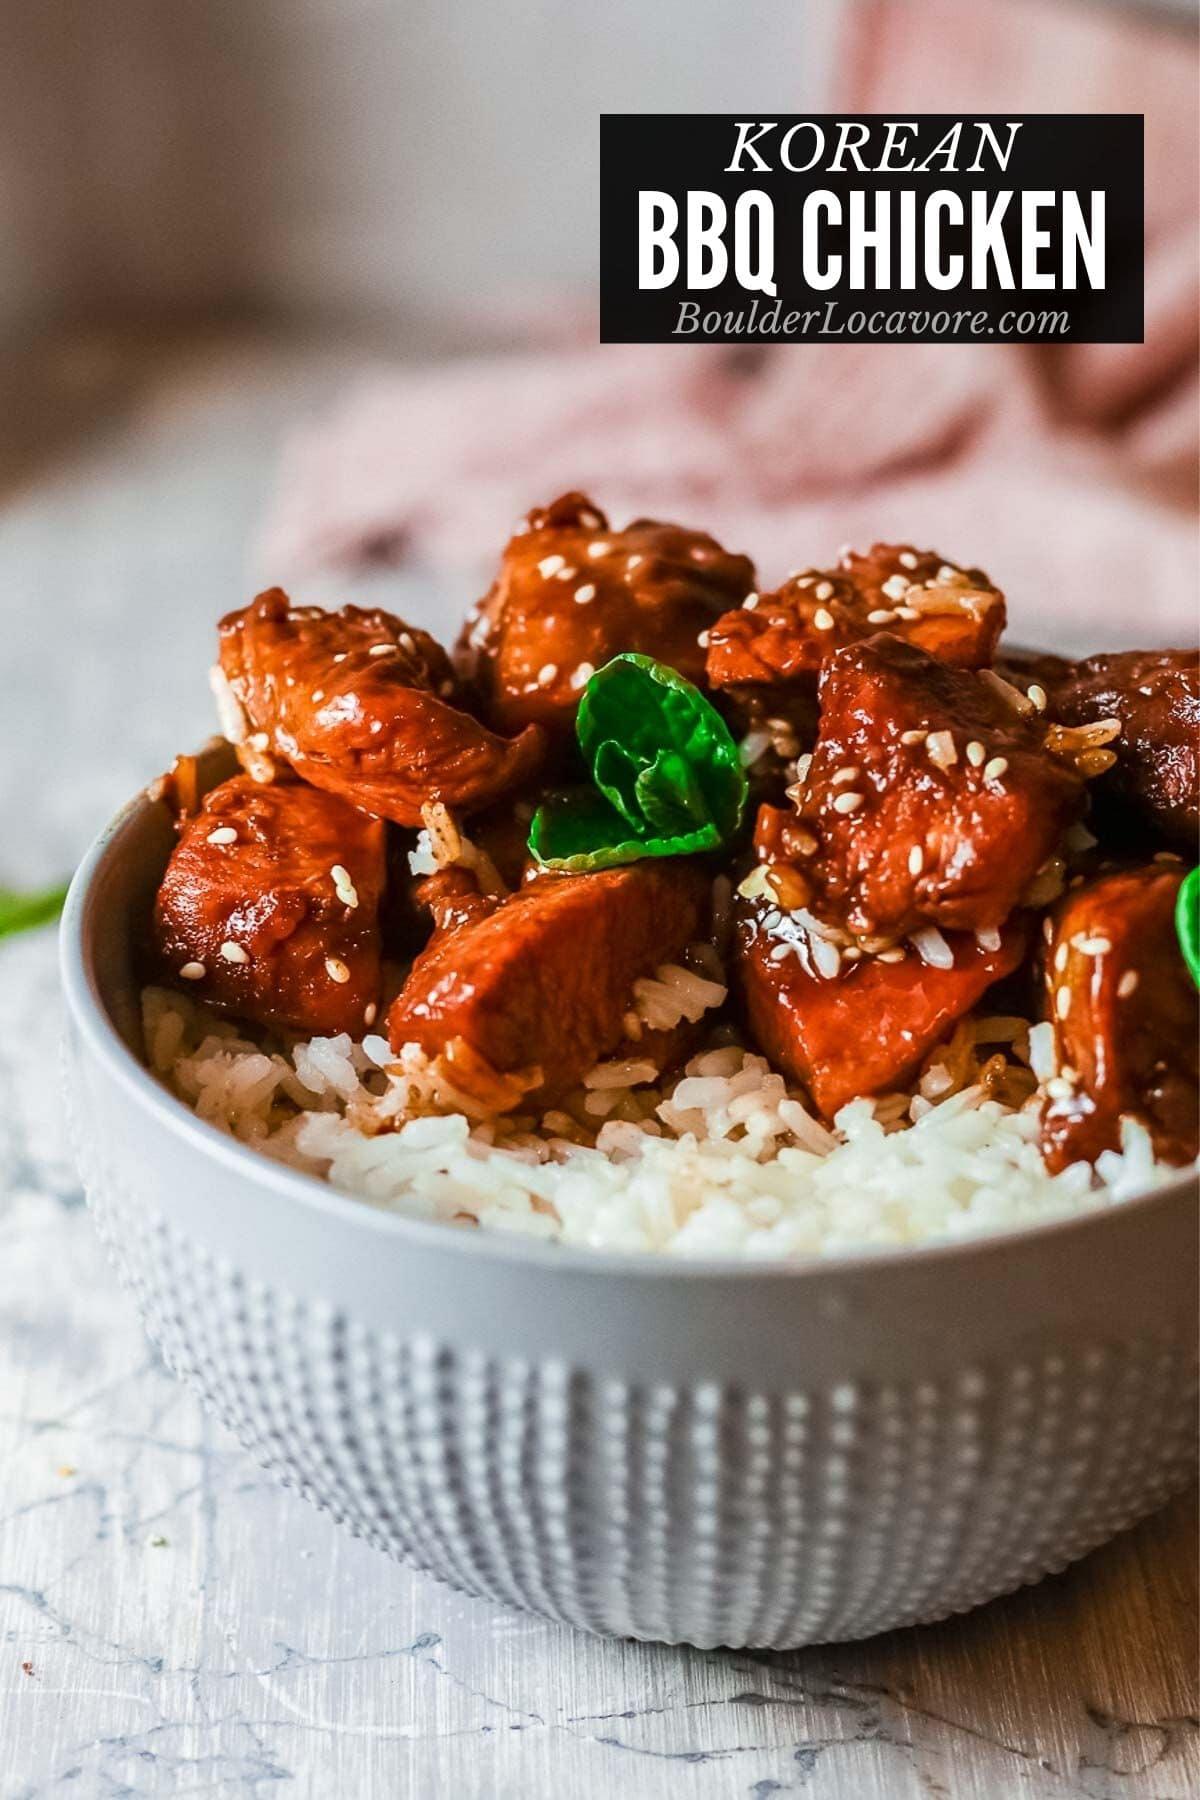 Korean BBQ Chicken title image